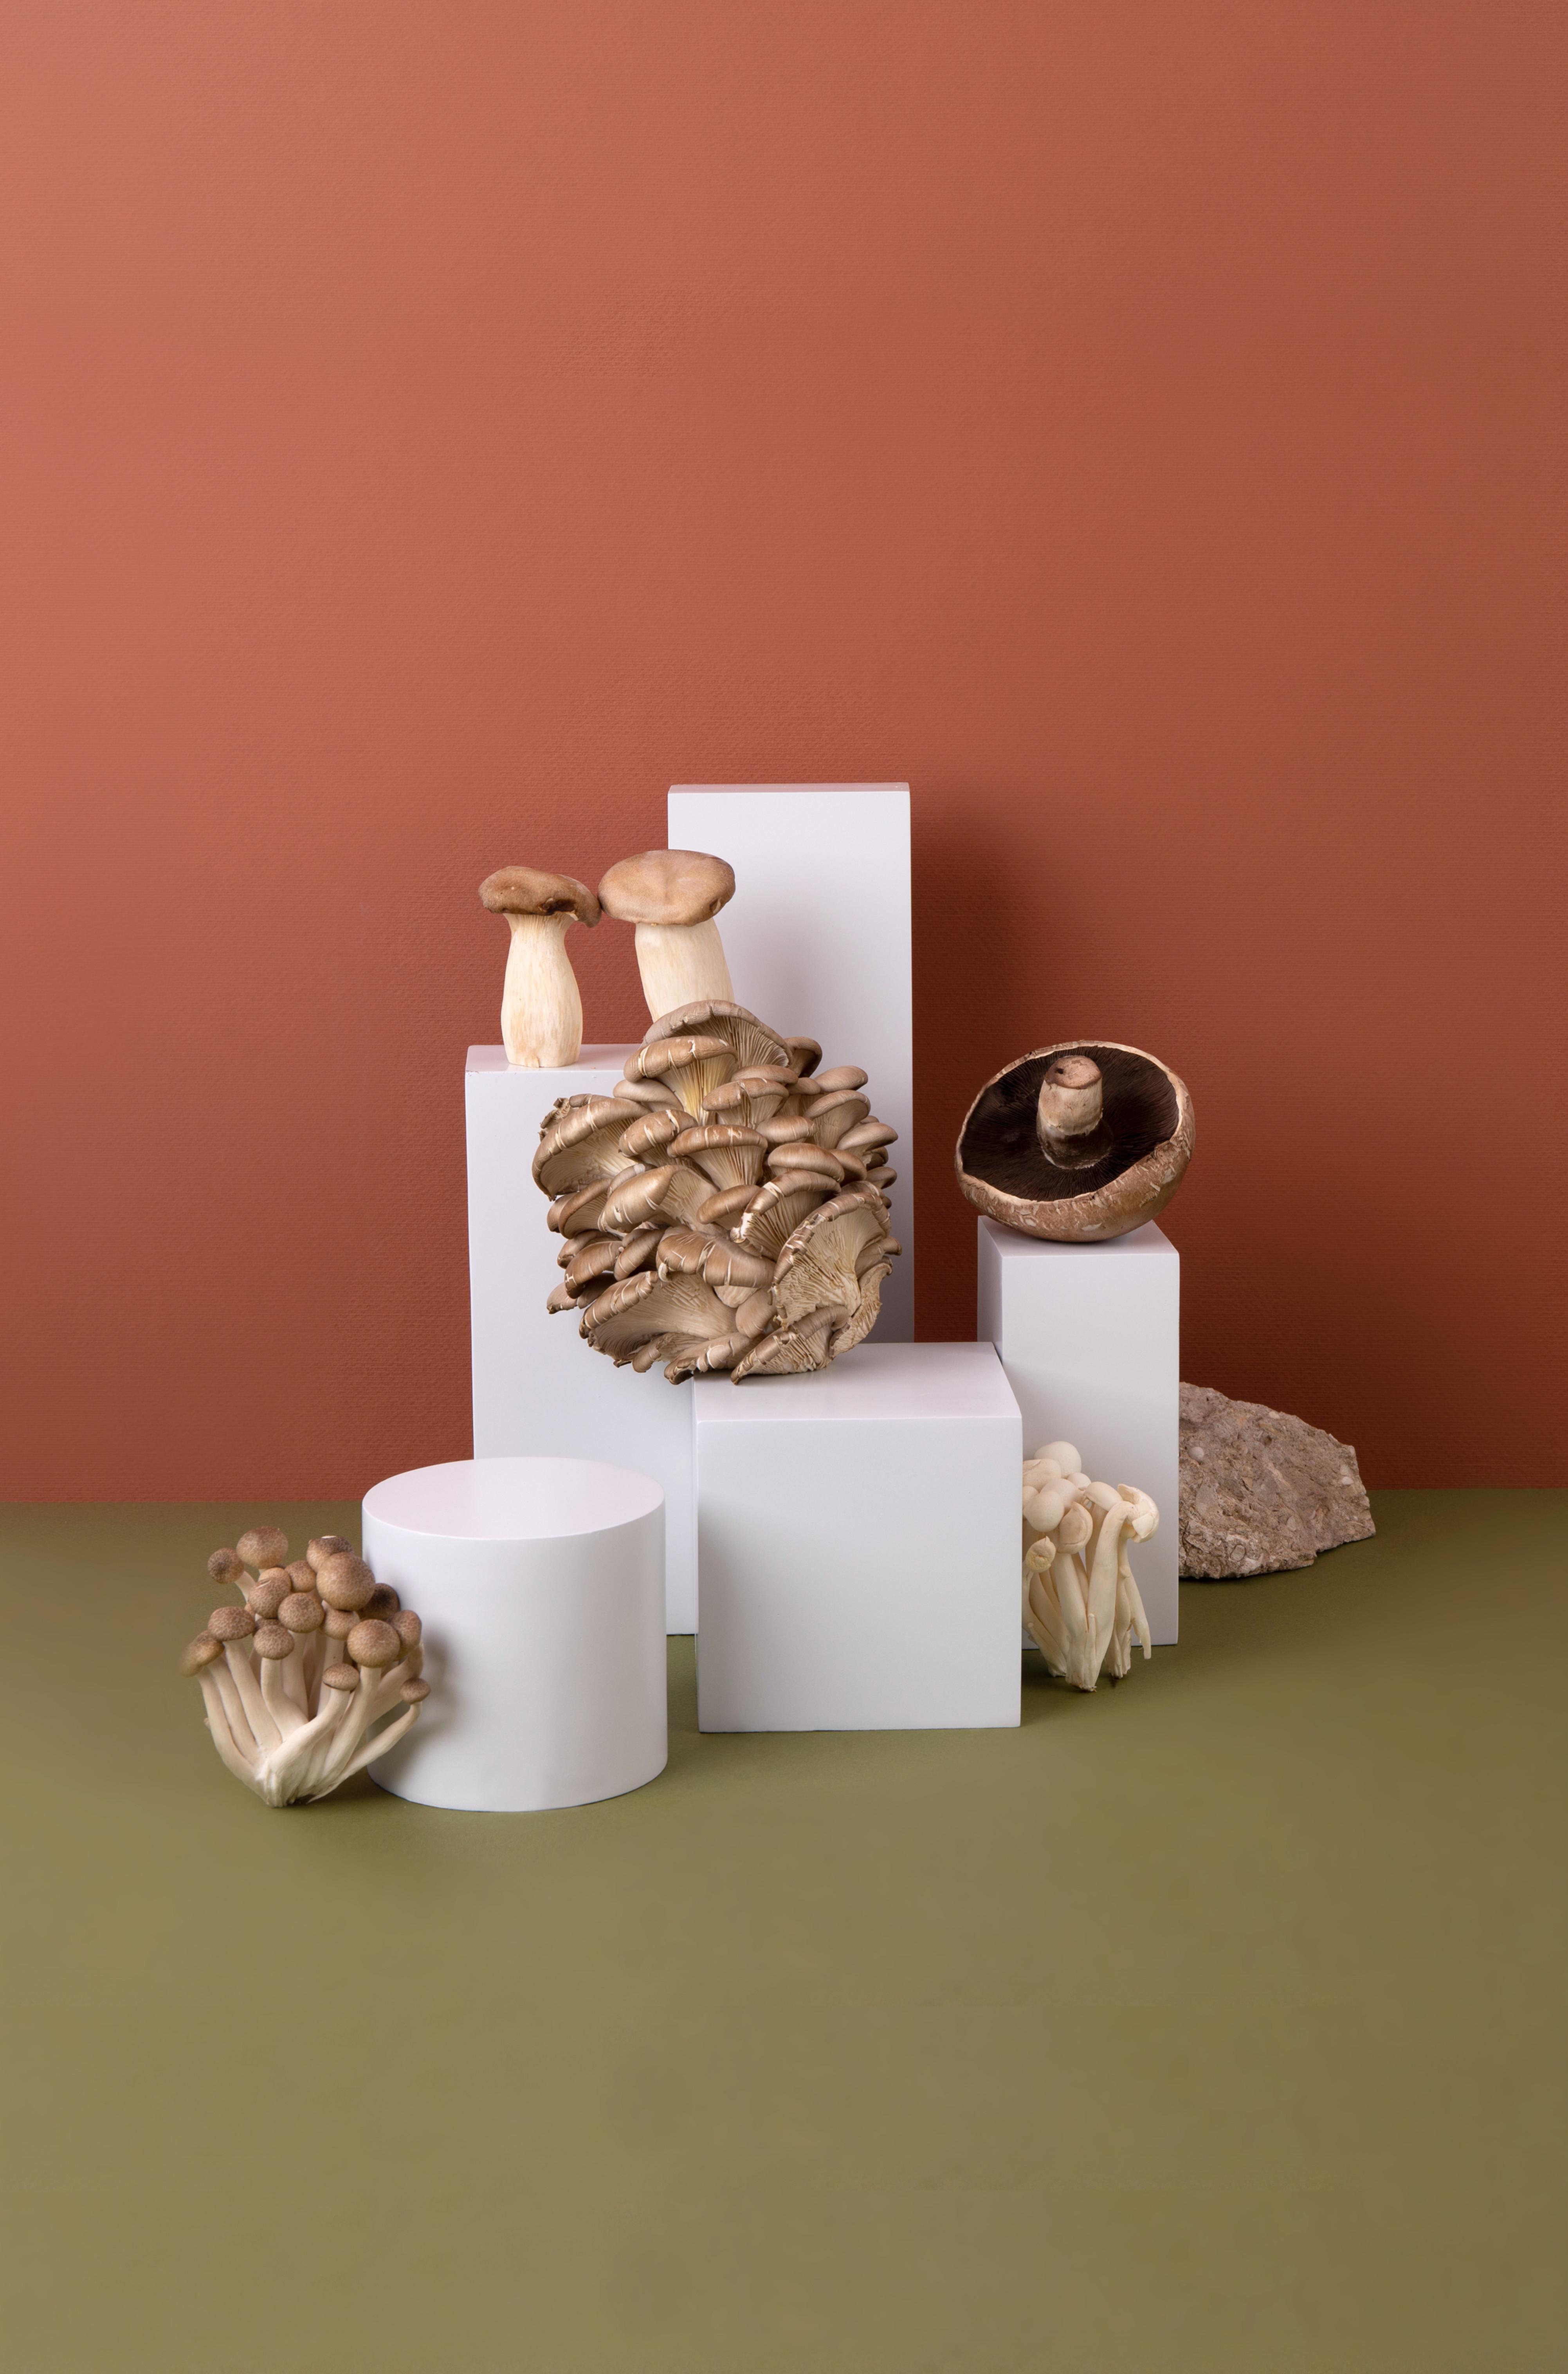 Growing Mushrooms Workshop